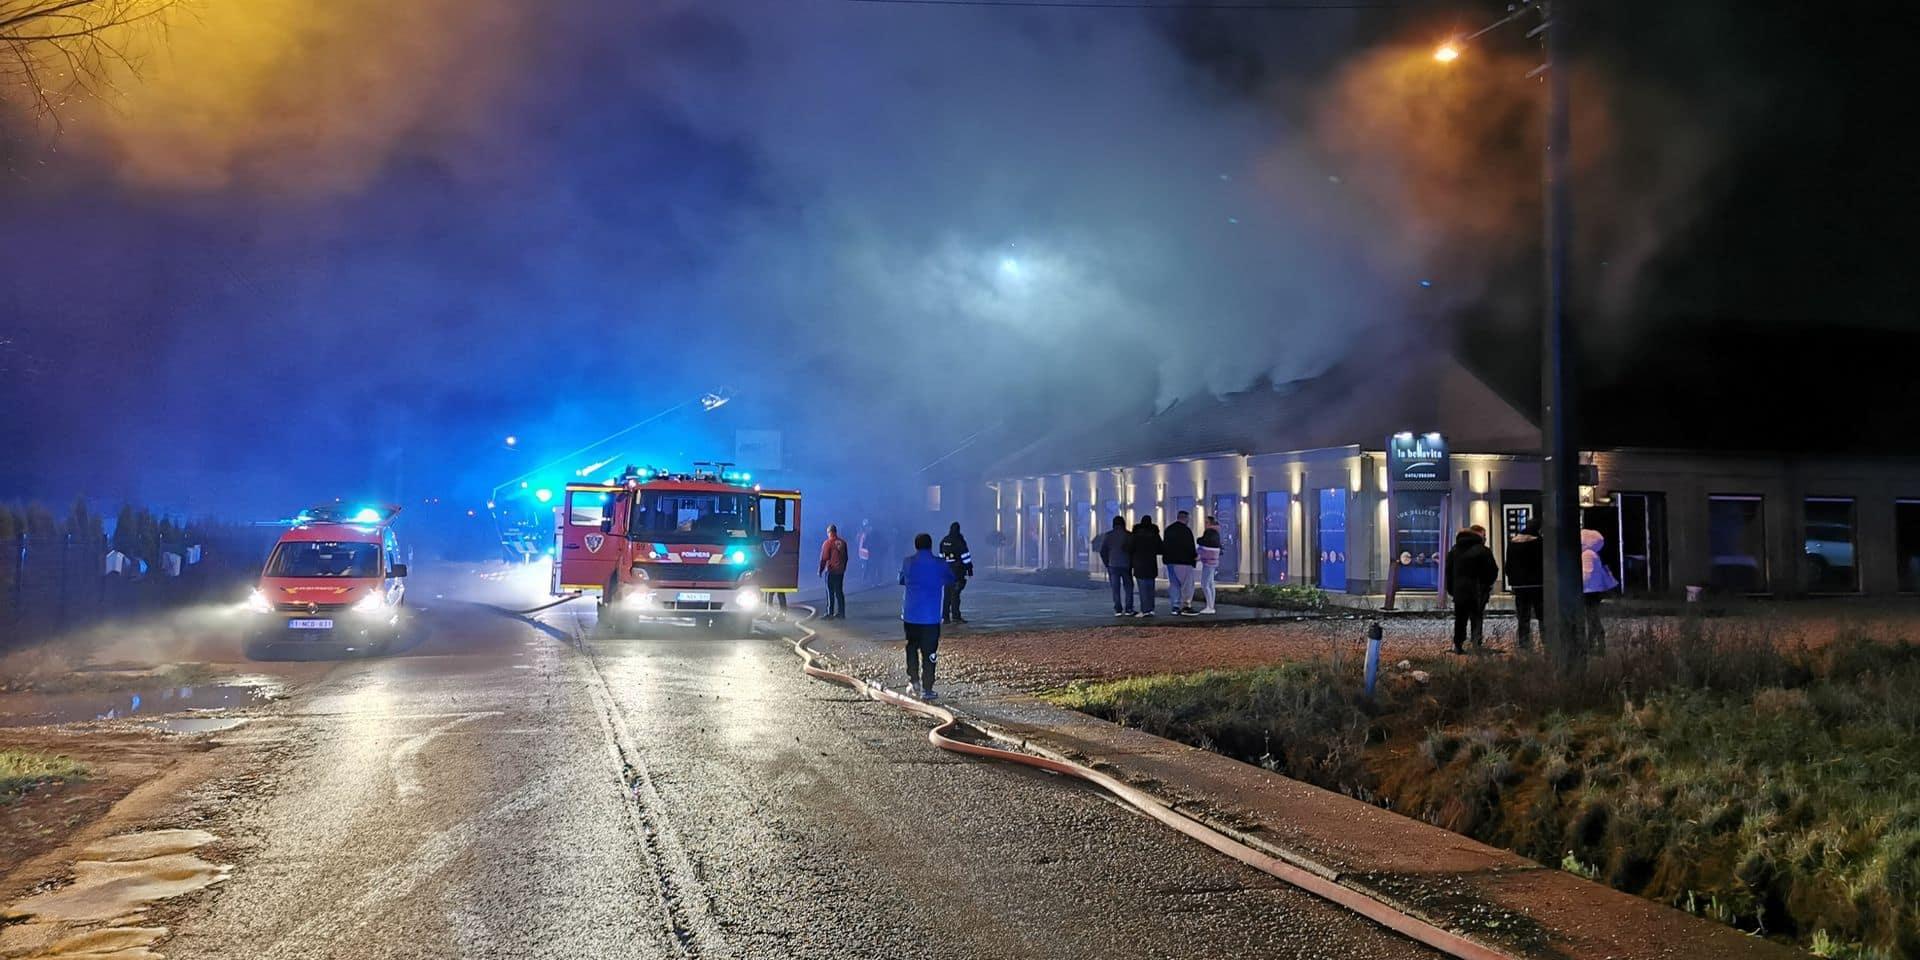 Incendie criminel à Forchies-la-Marche: des témoins ont vu un homme tenant un bidon d'essence s'enfuir à toutes jambes